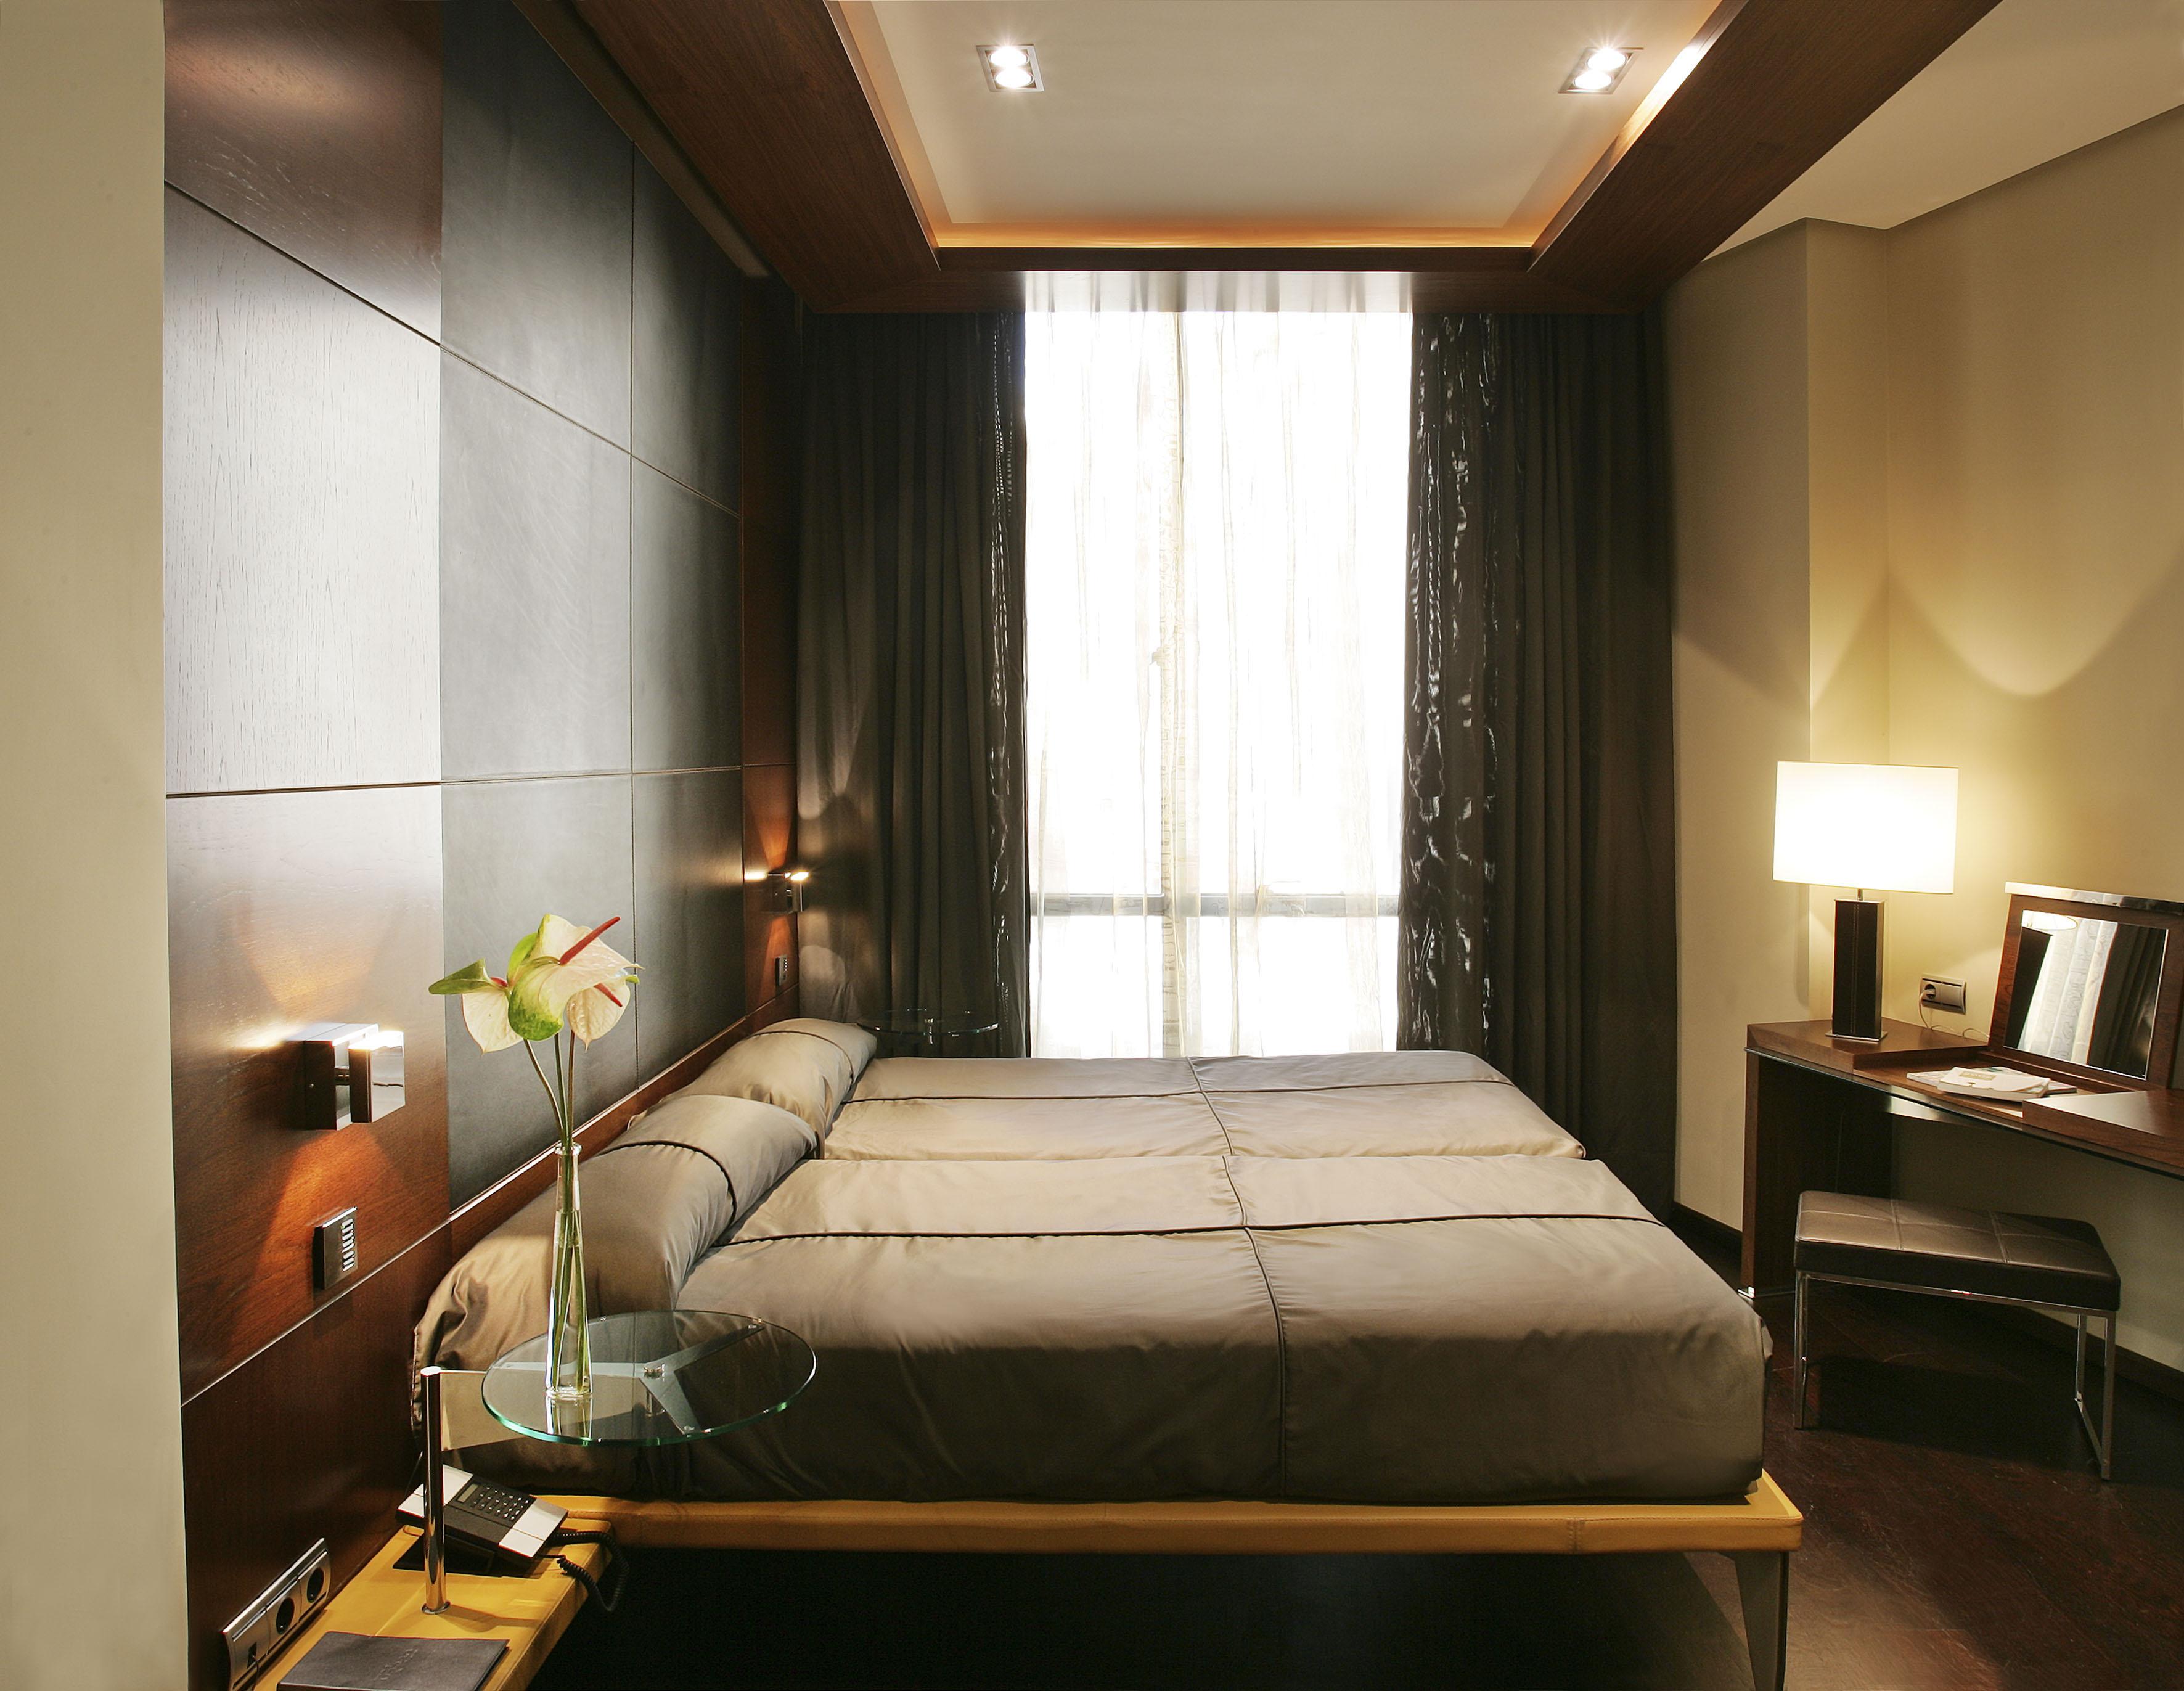 Hoteles Románticos en Madrid Centro Cuidad